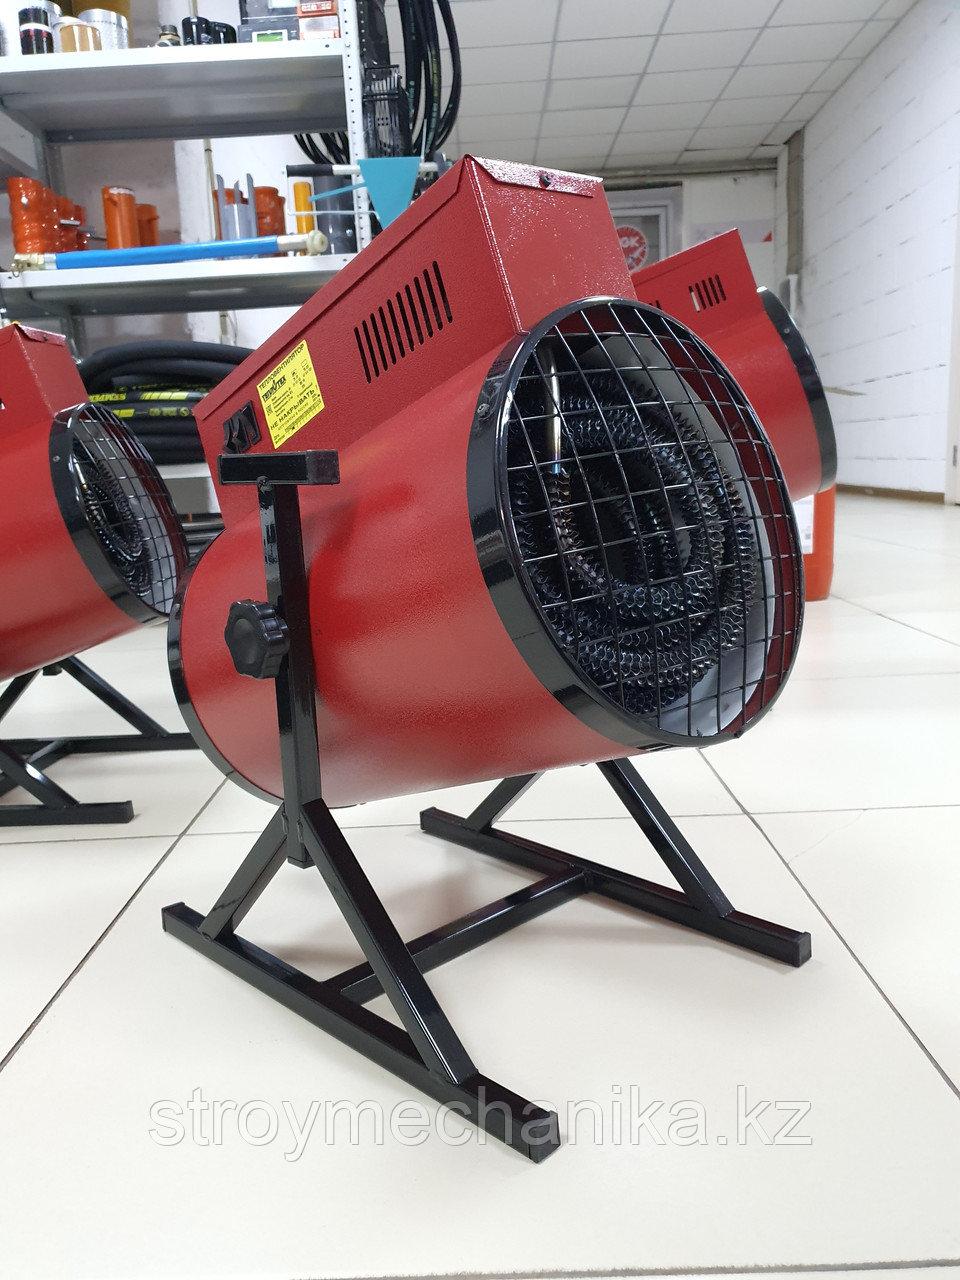 Тепловентилятор (тепловая пушка) 9 кВт ТВ-9П Теплотех